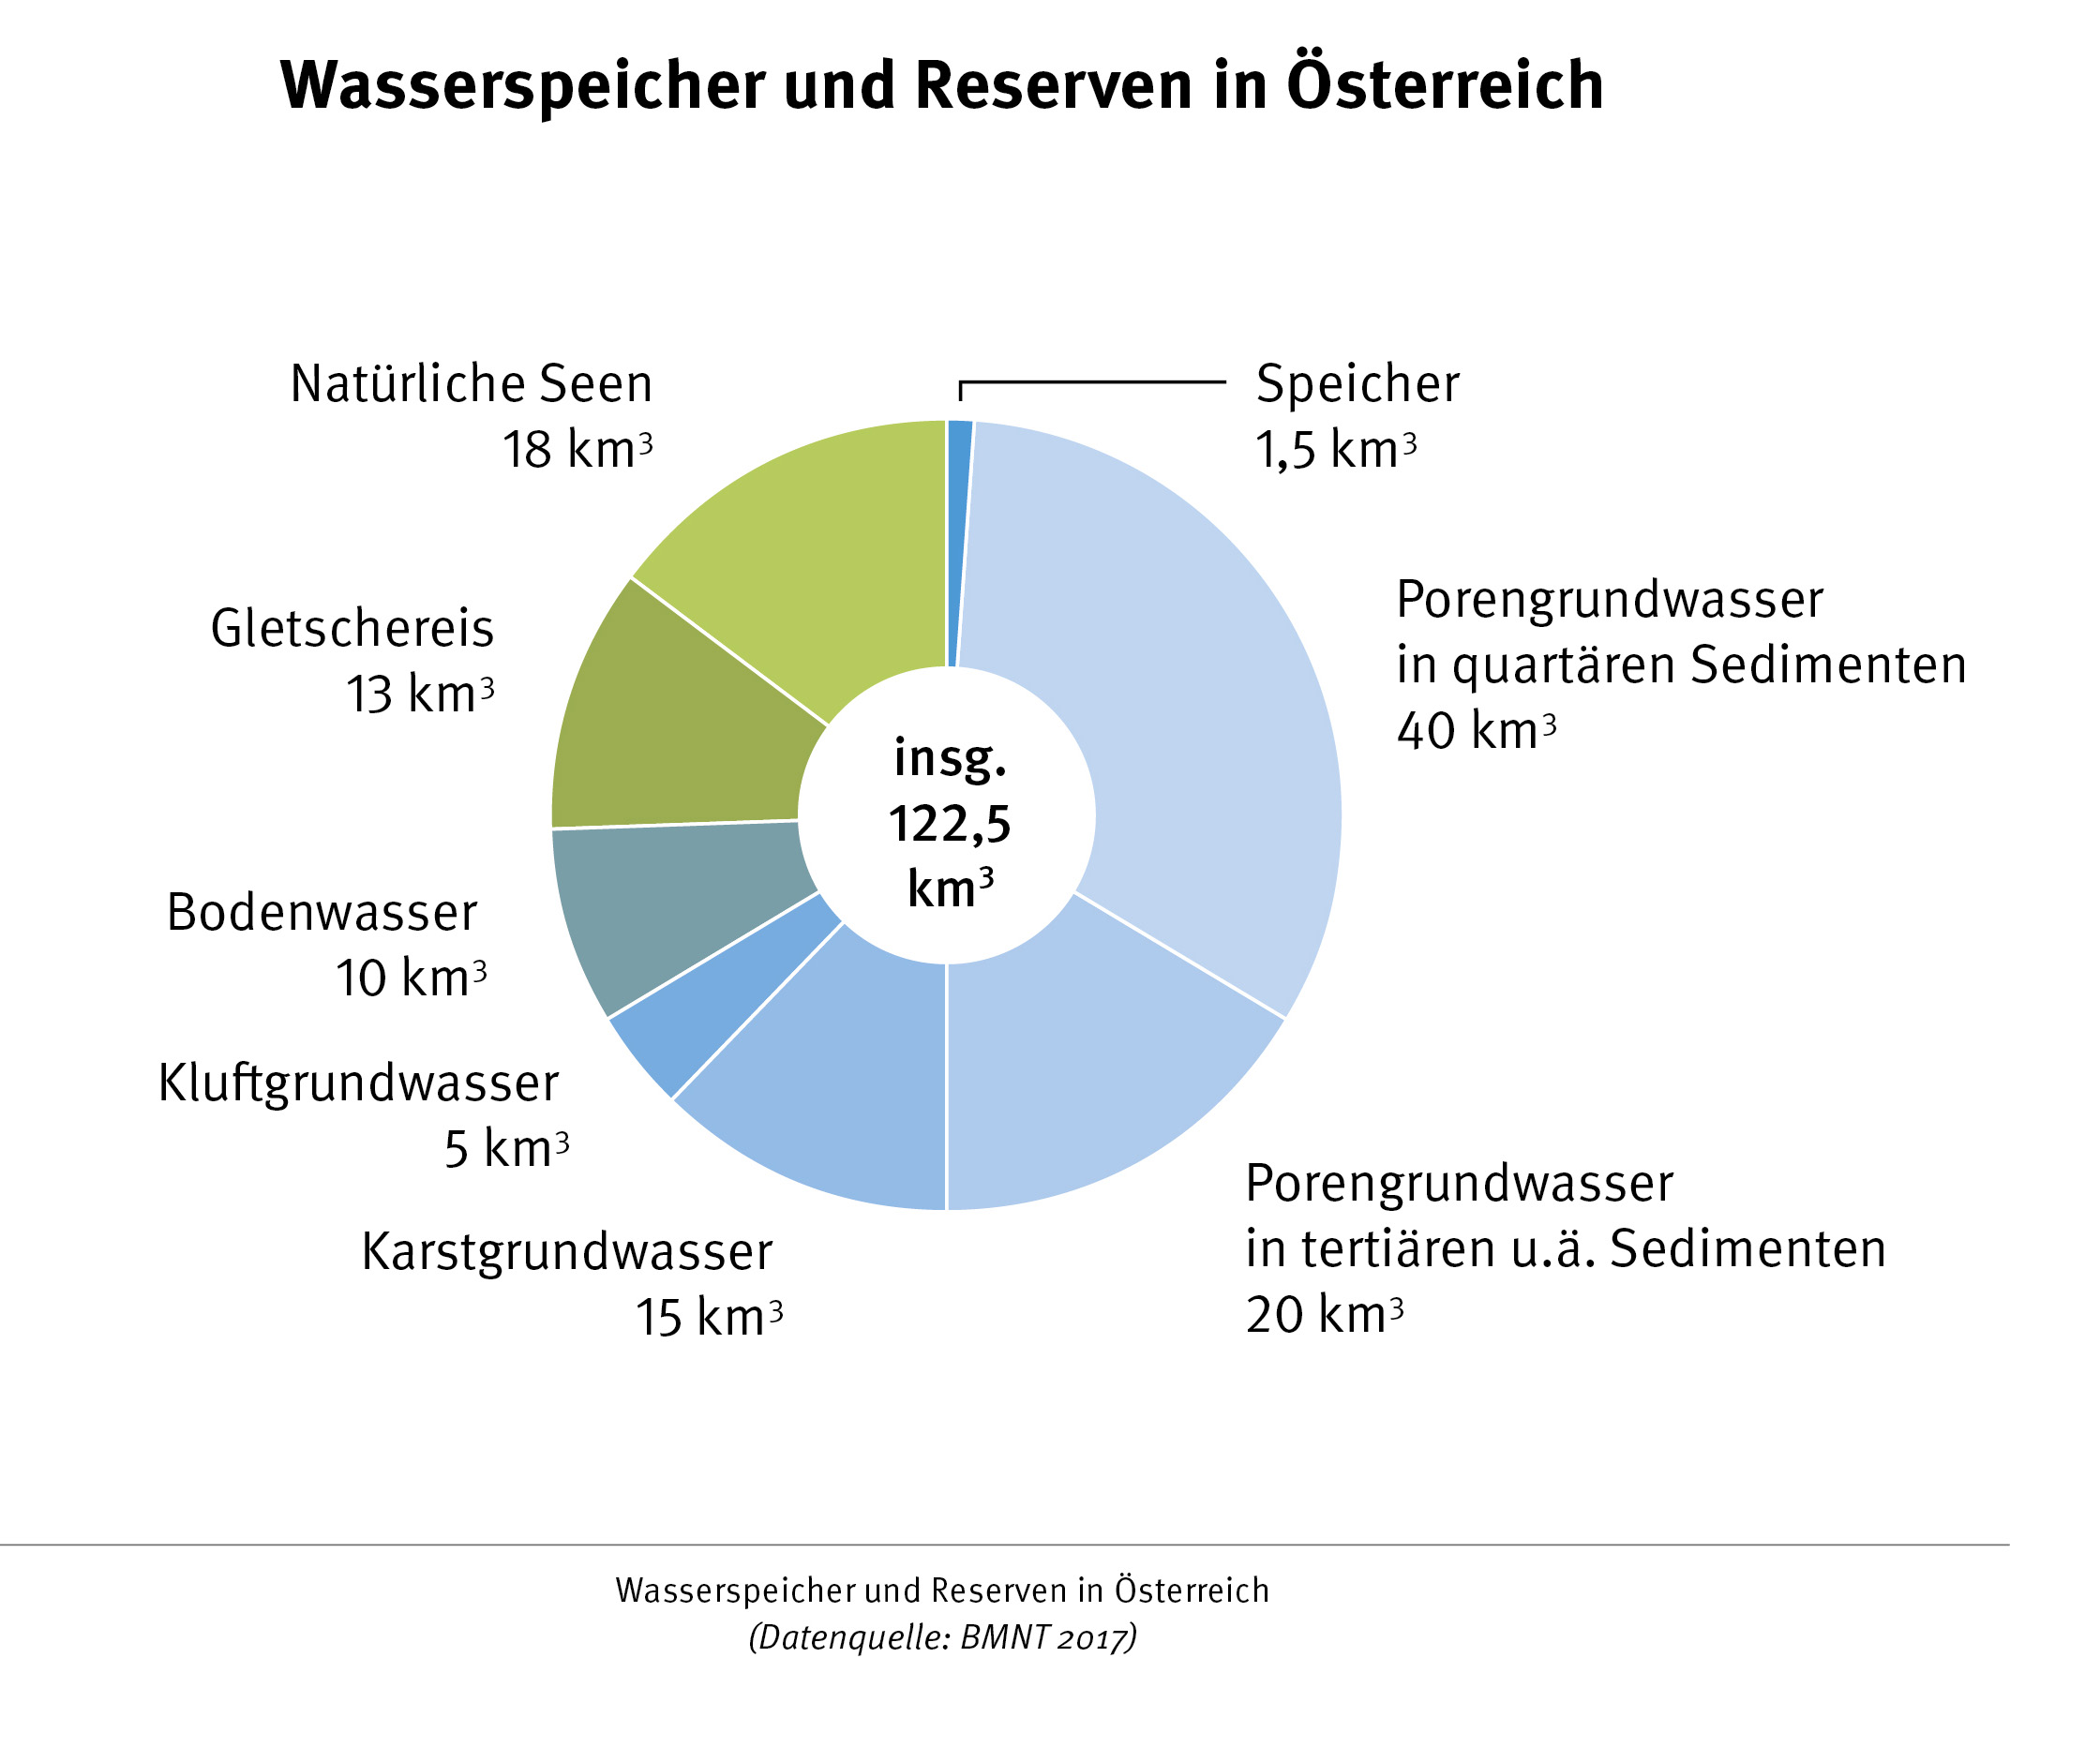 Wasserreserven